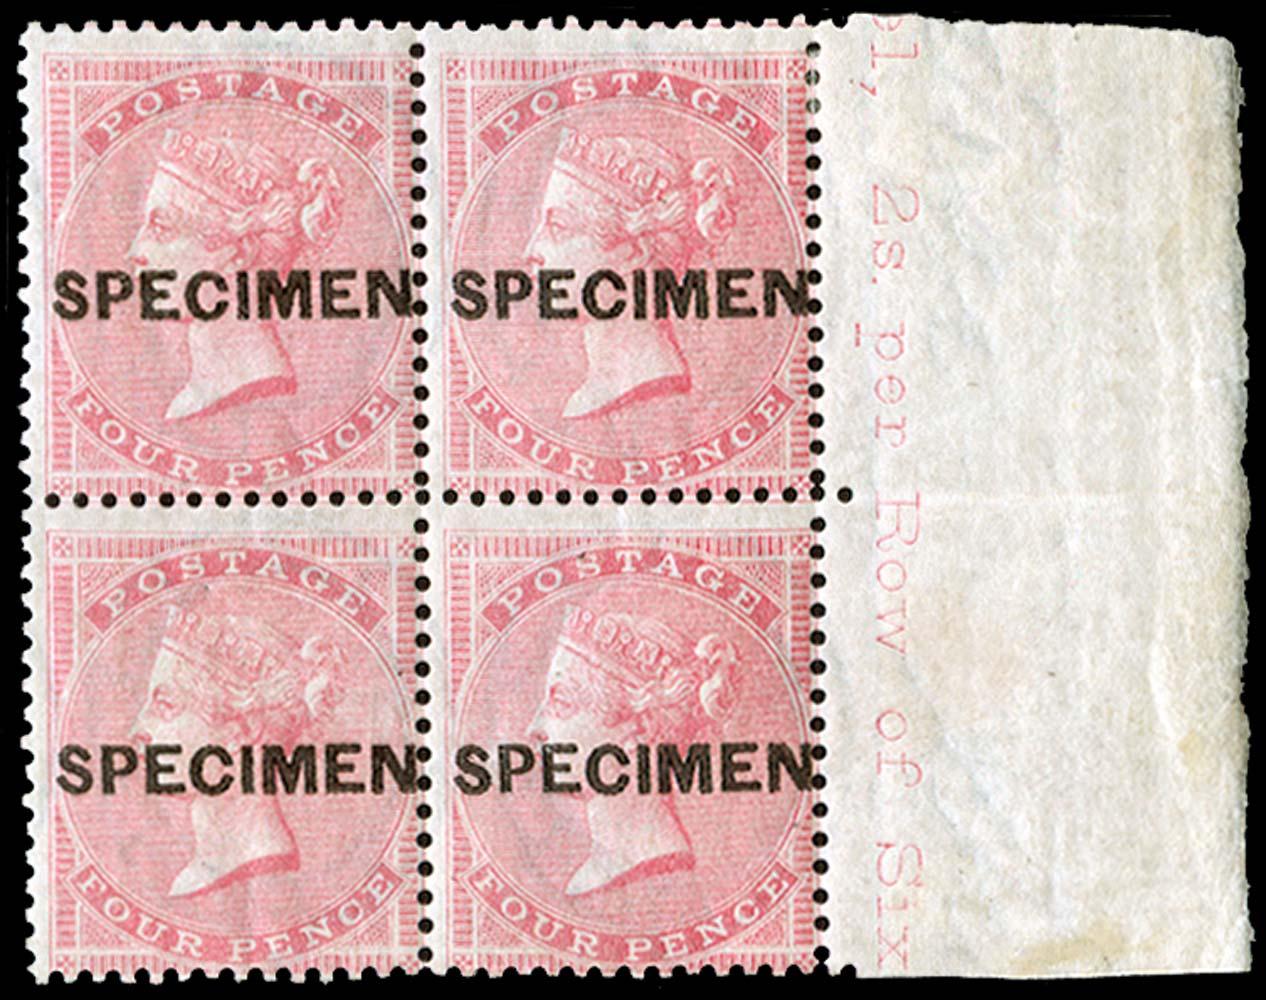 GB 1856  SG65s Specimen